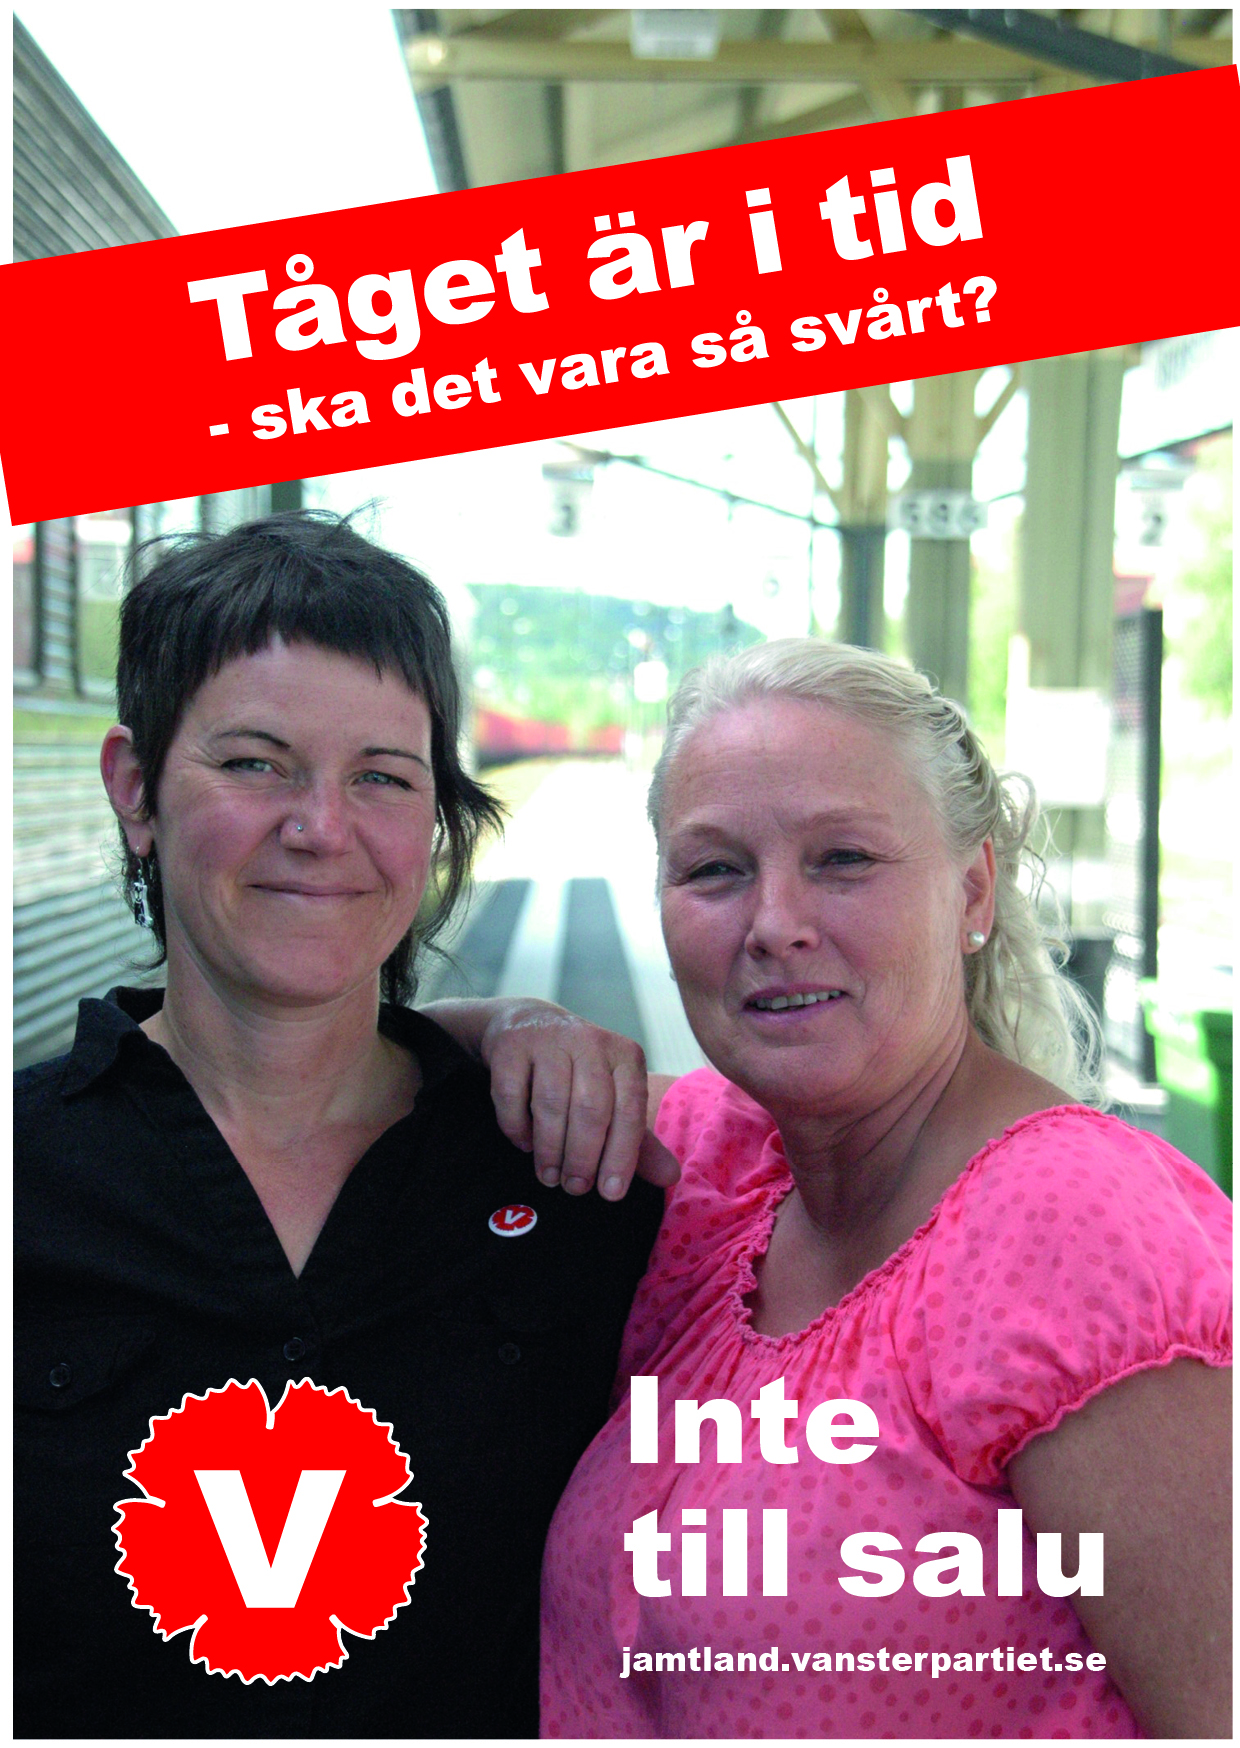 Jessika Svensson 1:a namn på riksdagslistan MonaLisa Norrman 1:a namn på landstingslistan